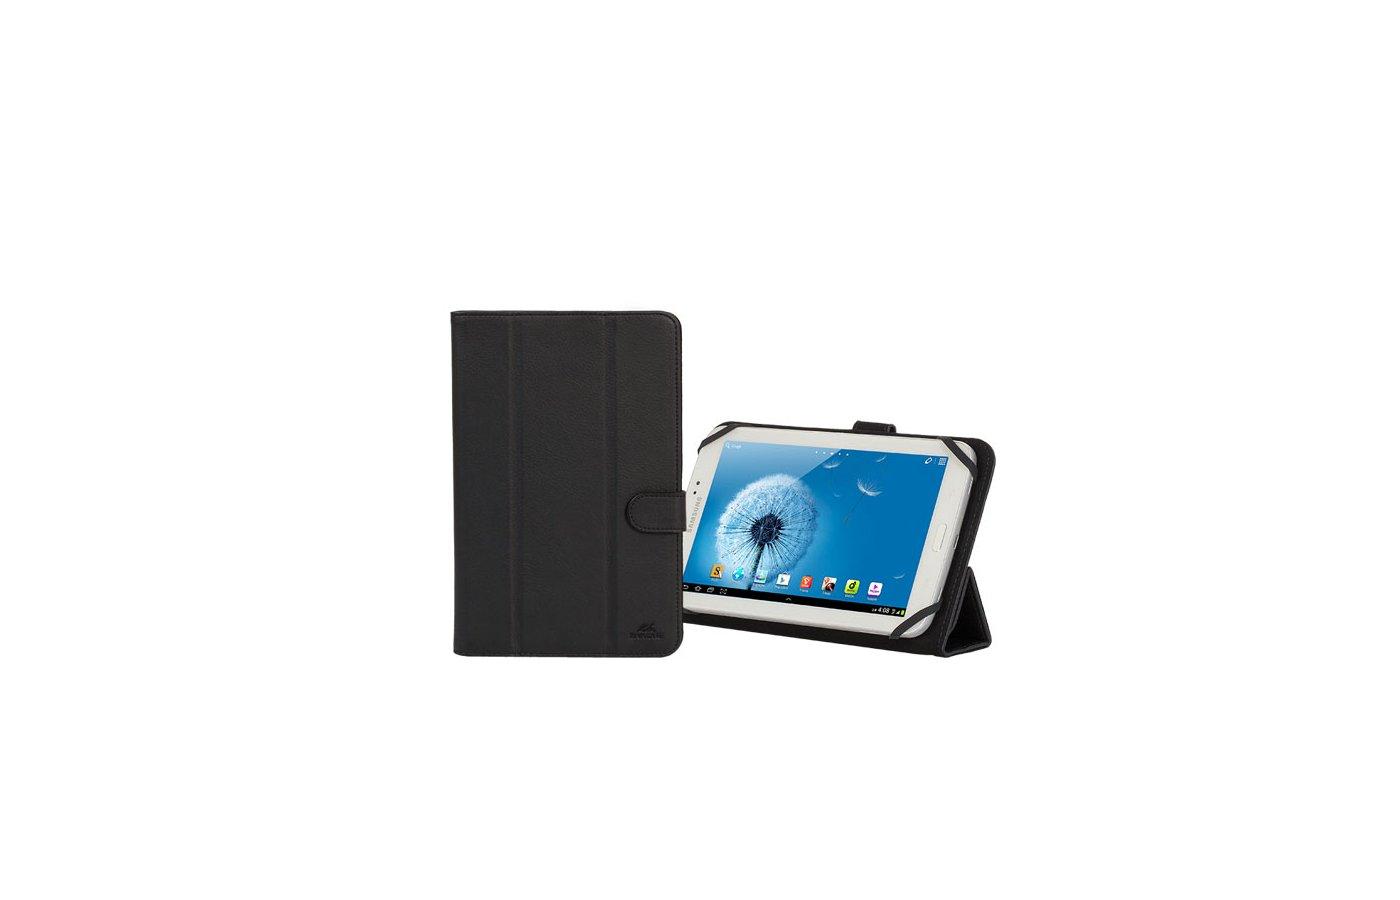 Чехол для планшетного ПК Riva Case 3132 black универсальный для планшета 7